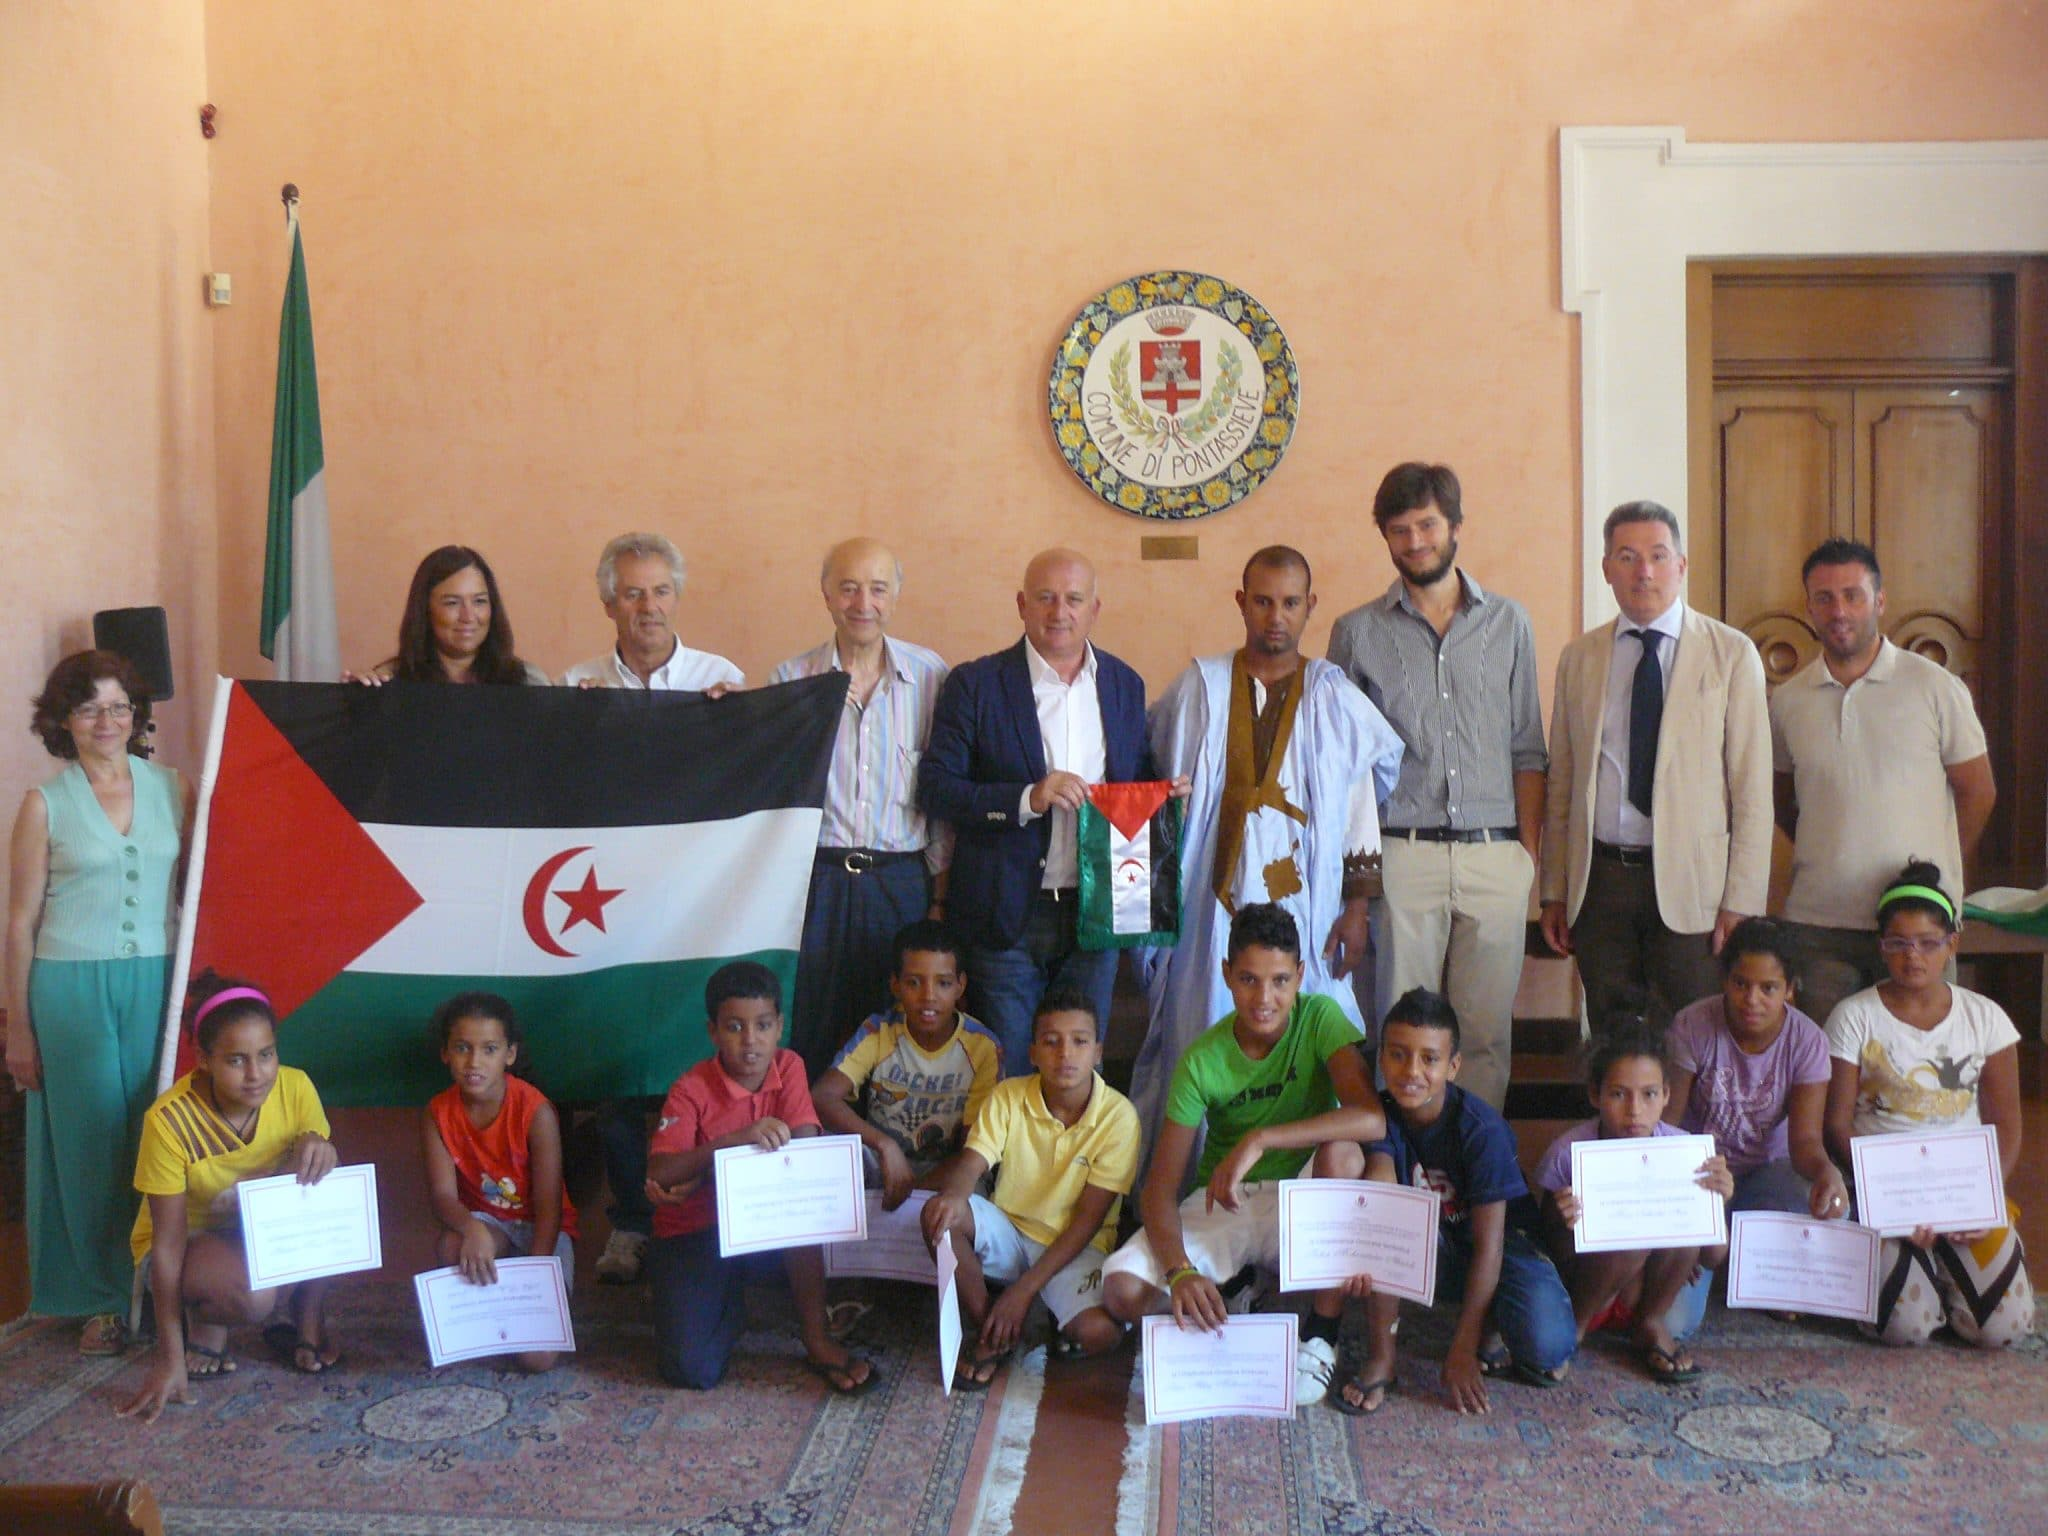 Photo of Cittadinanza ai bambini Saharawi, domenica parco fluviale in festa